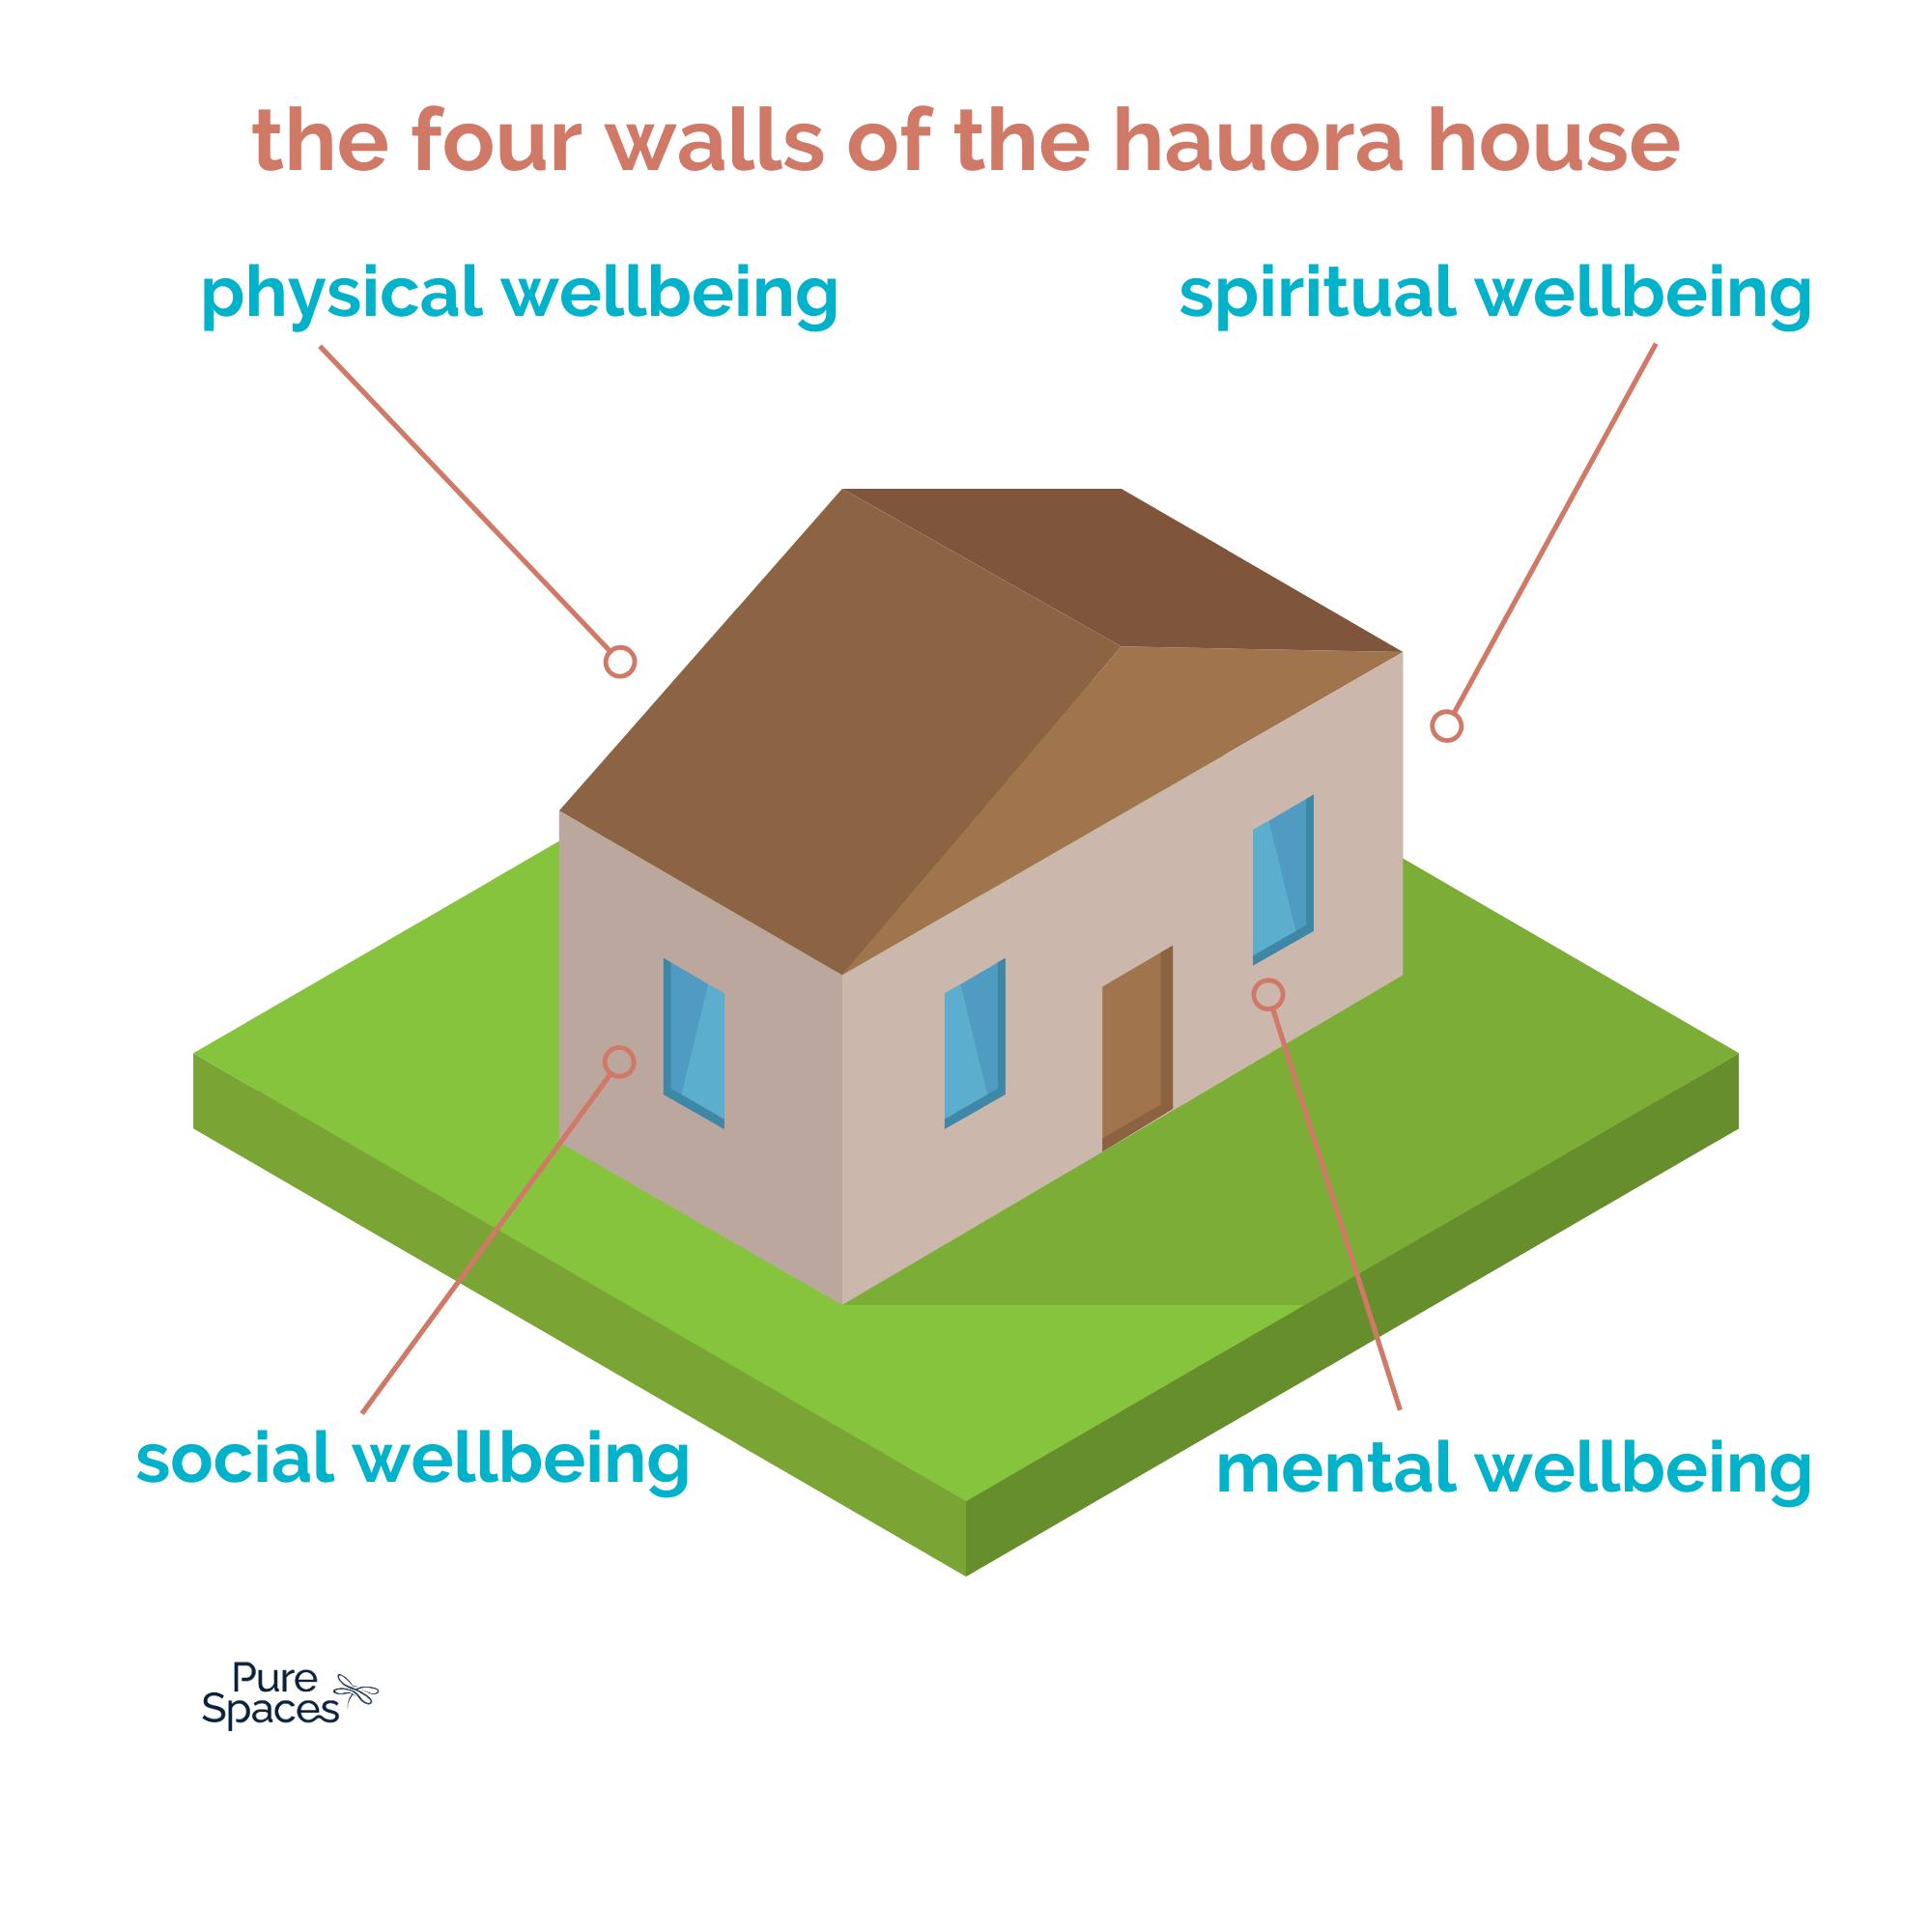 hauora house